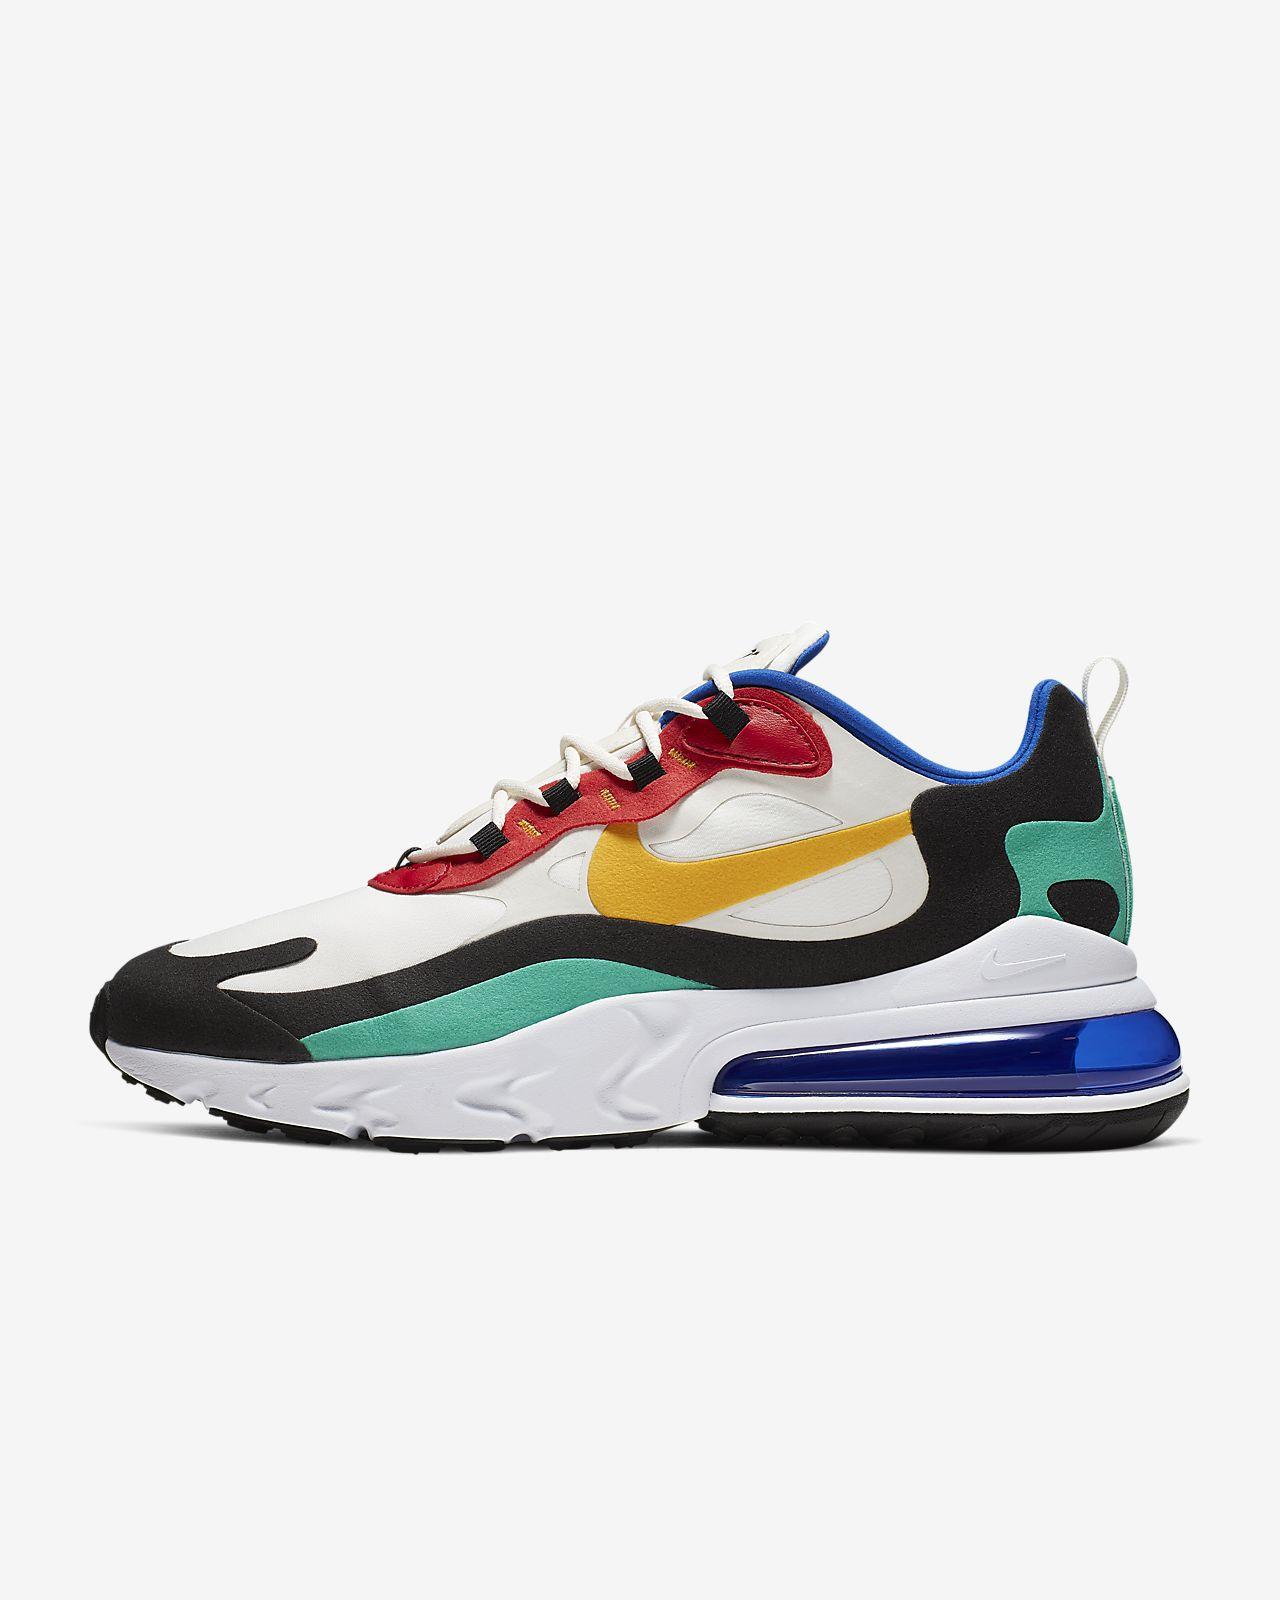 Nike Air Max 270 React Bauhaus Men's Shoes